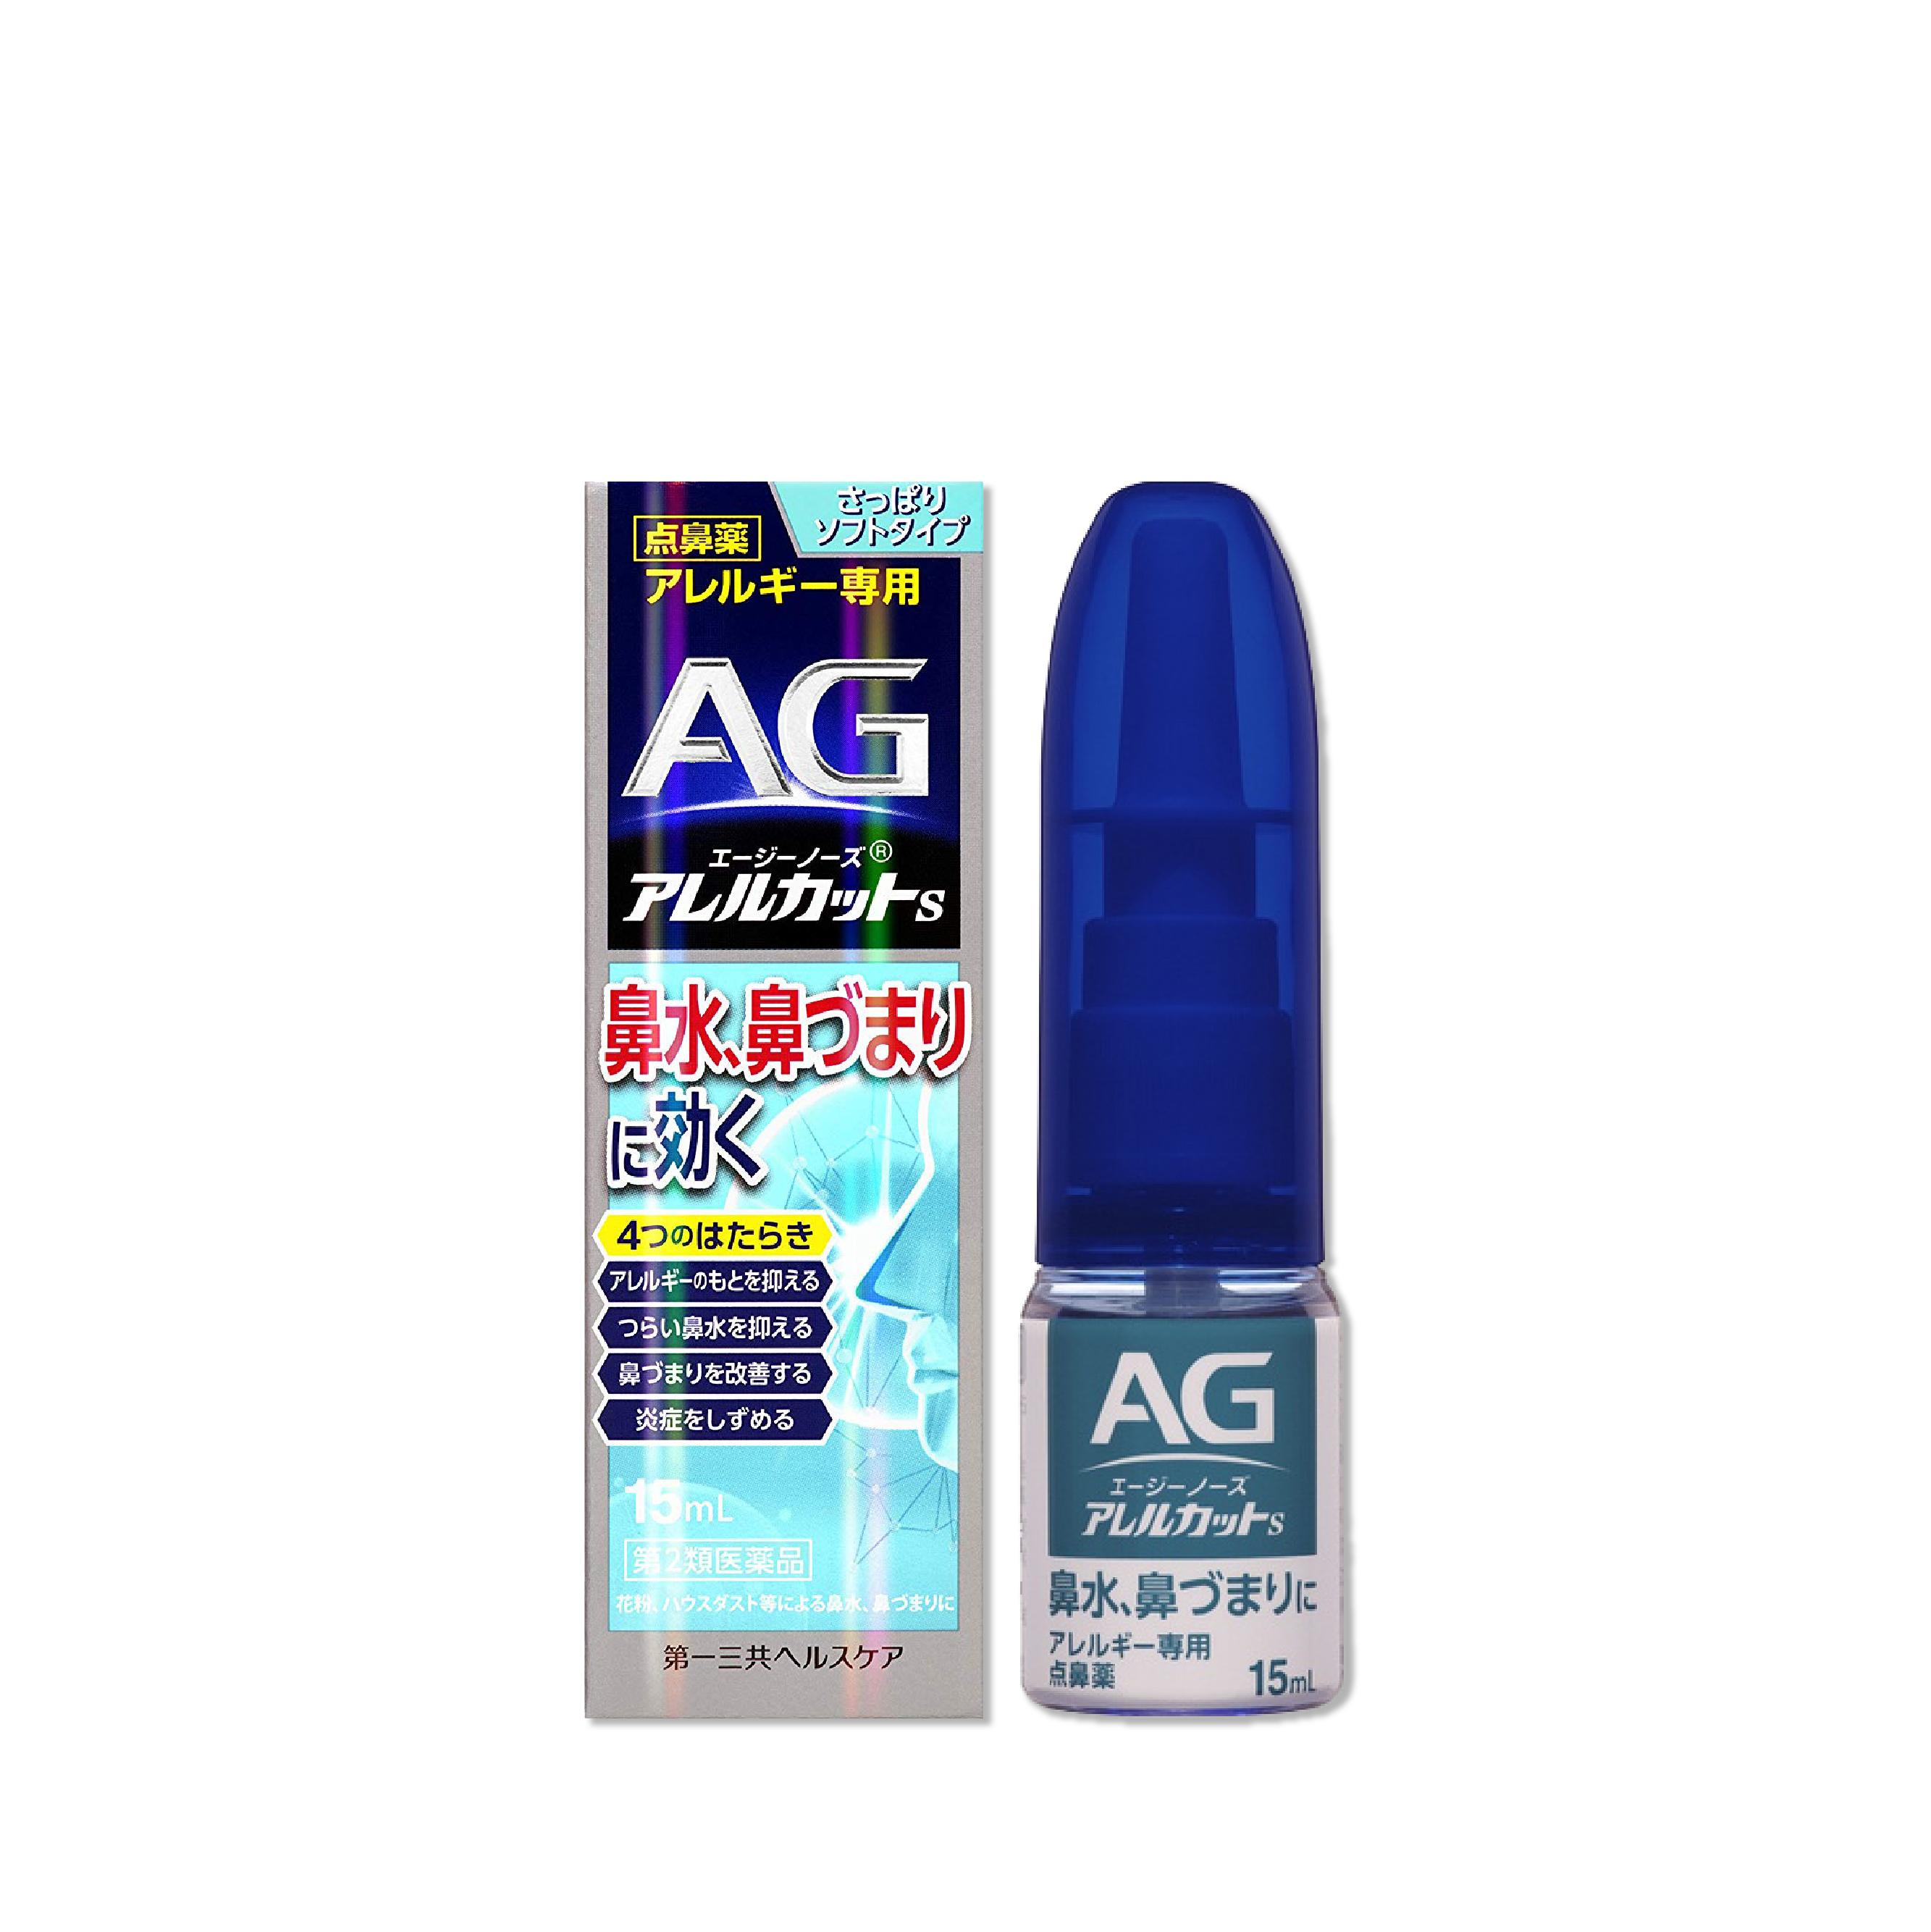 [다이이치신쿄] AG 노즈 알레르컷 소프트 15ml